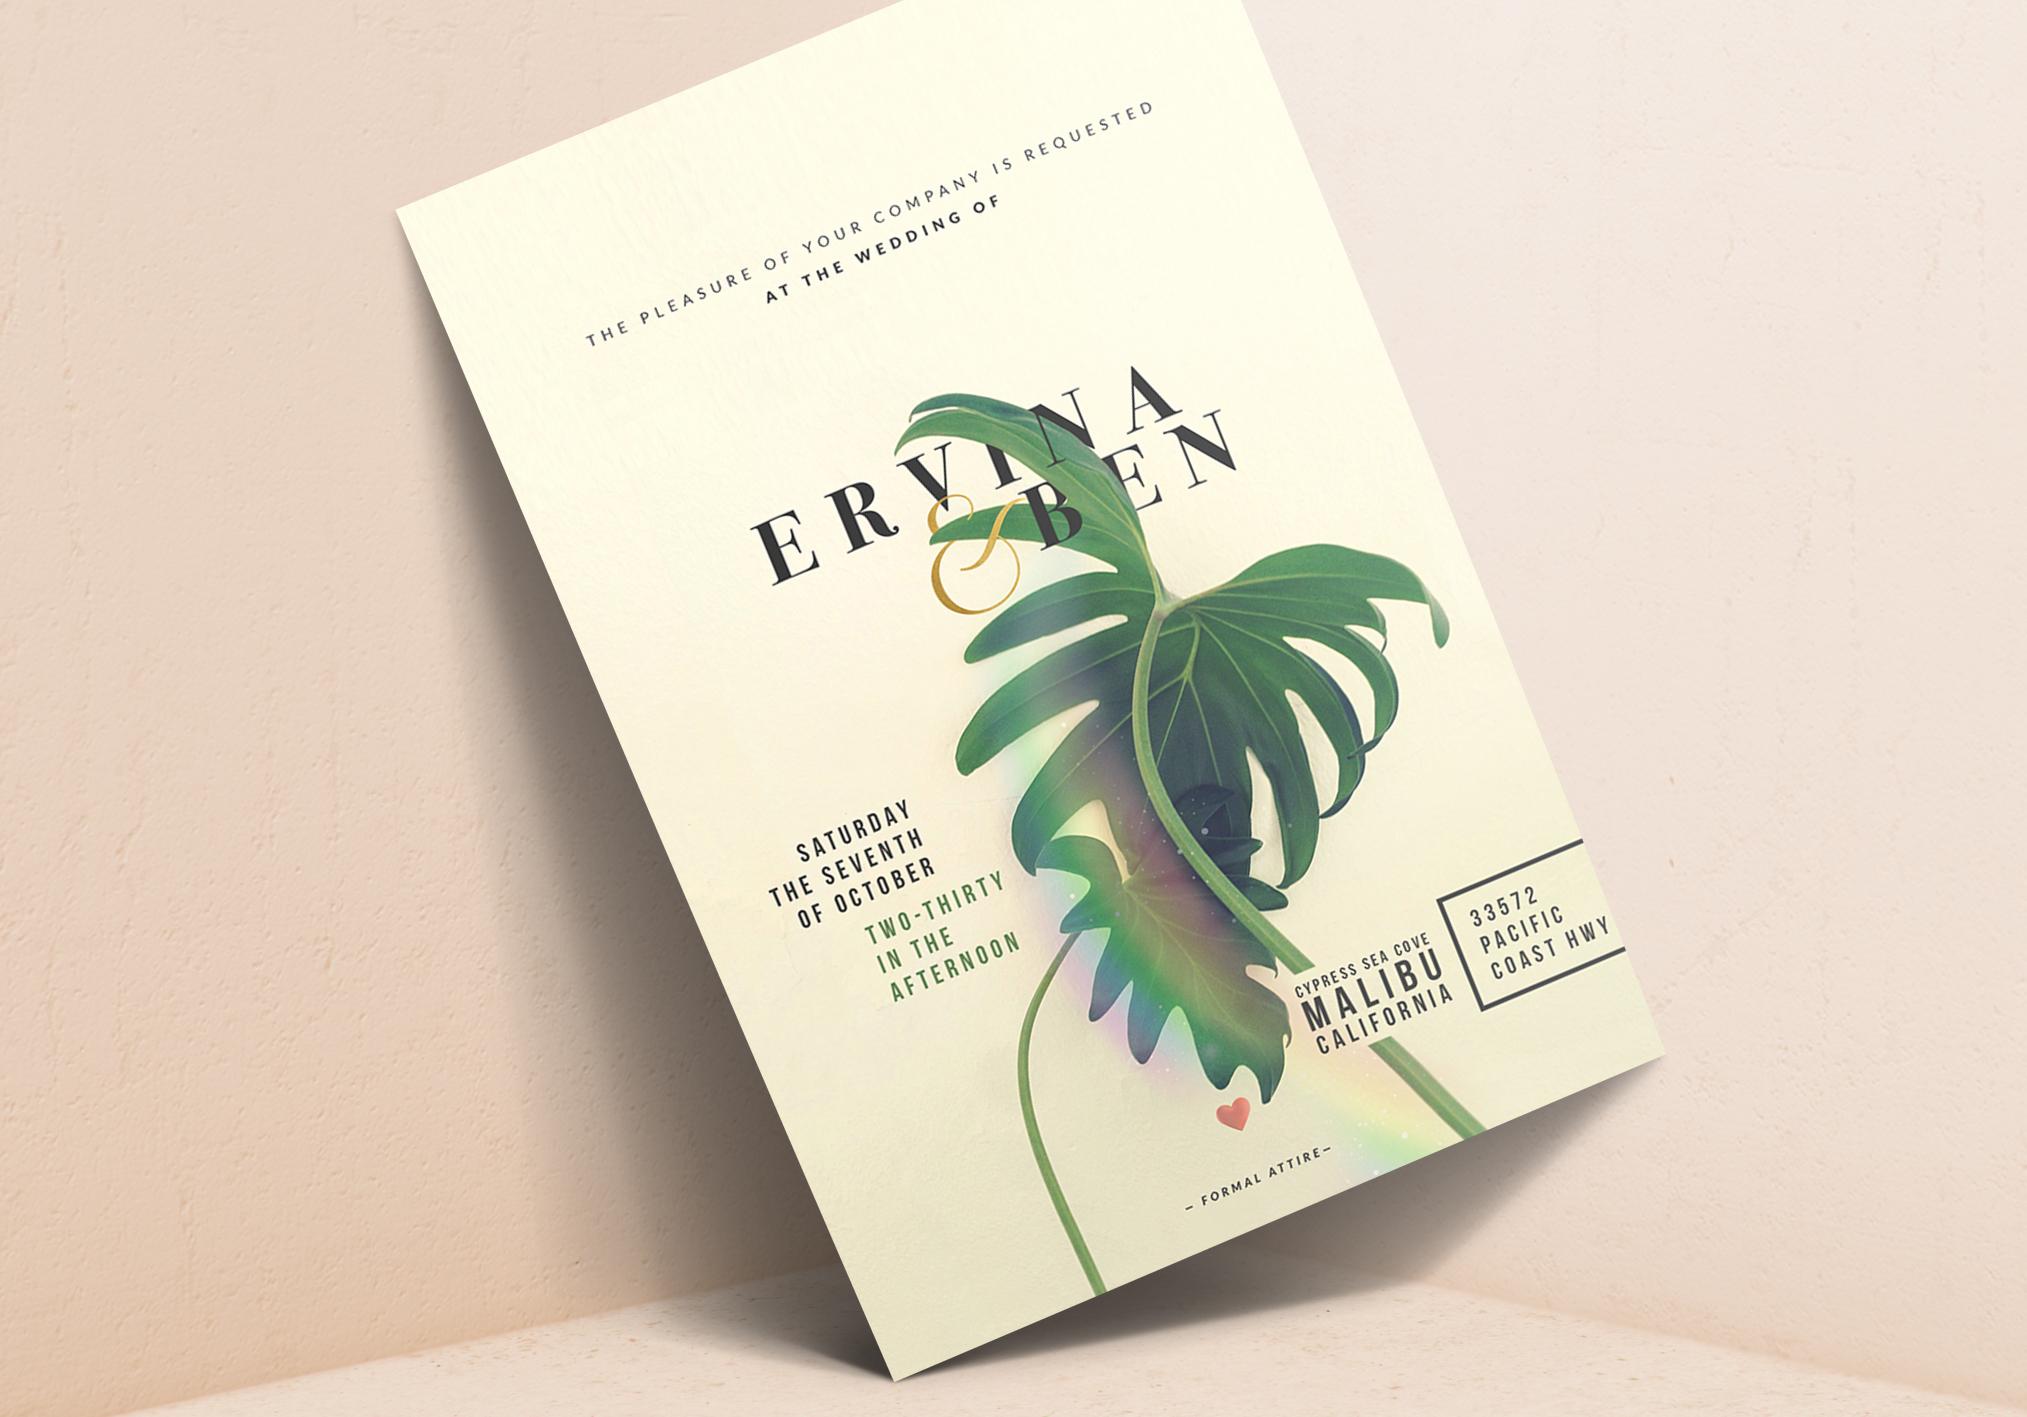 Ervina and Ben invitation clean 2.jpg